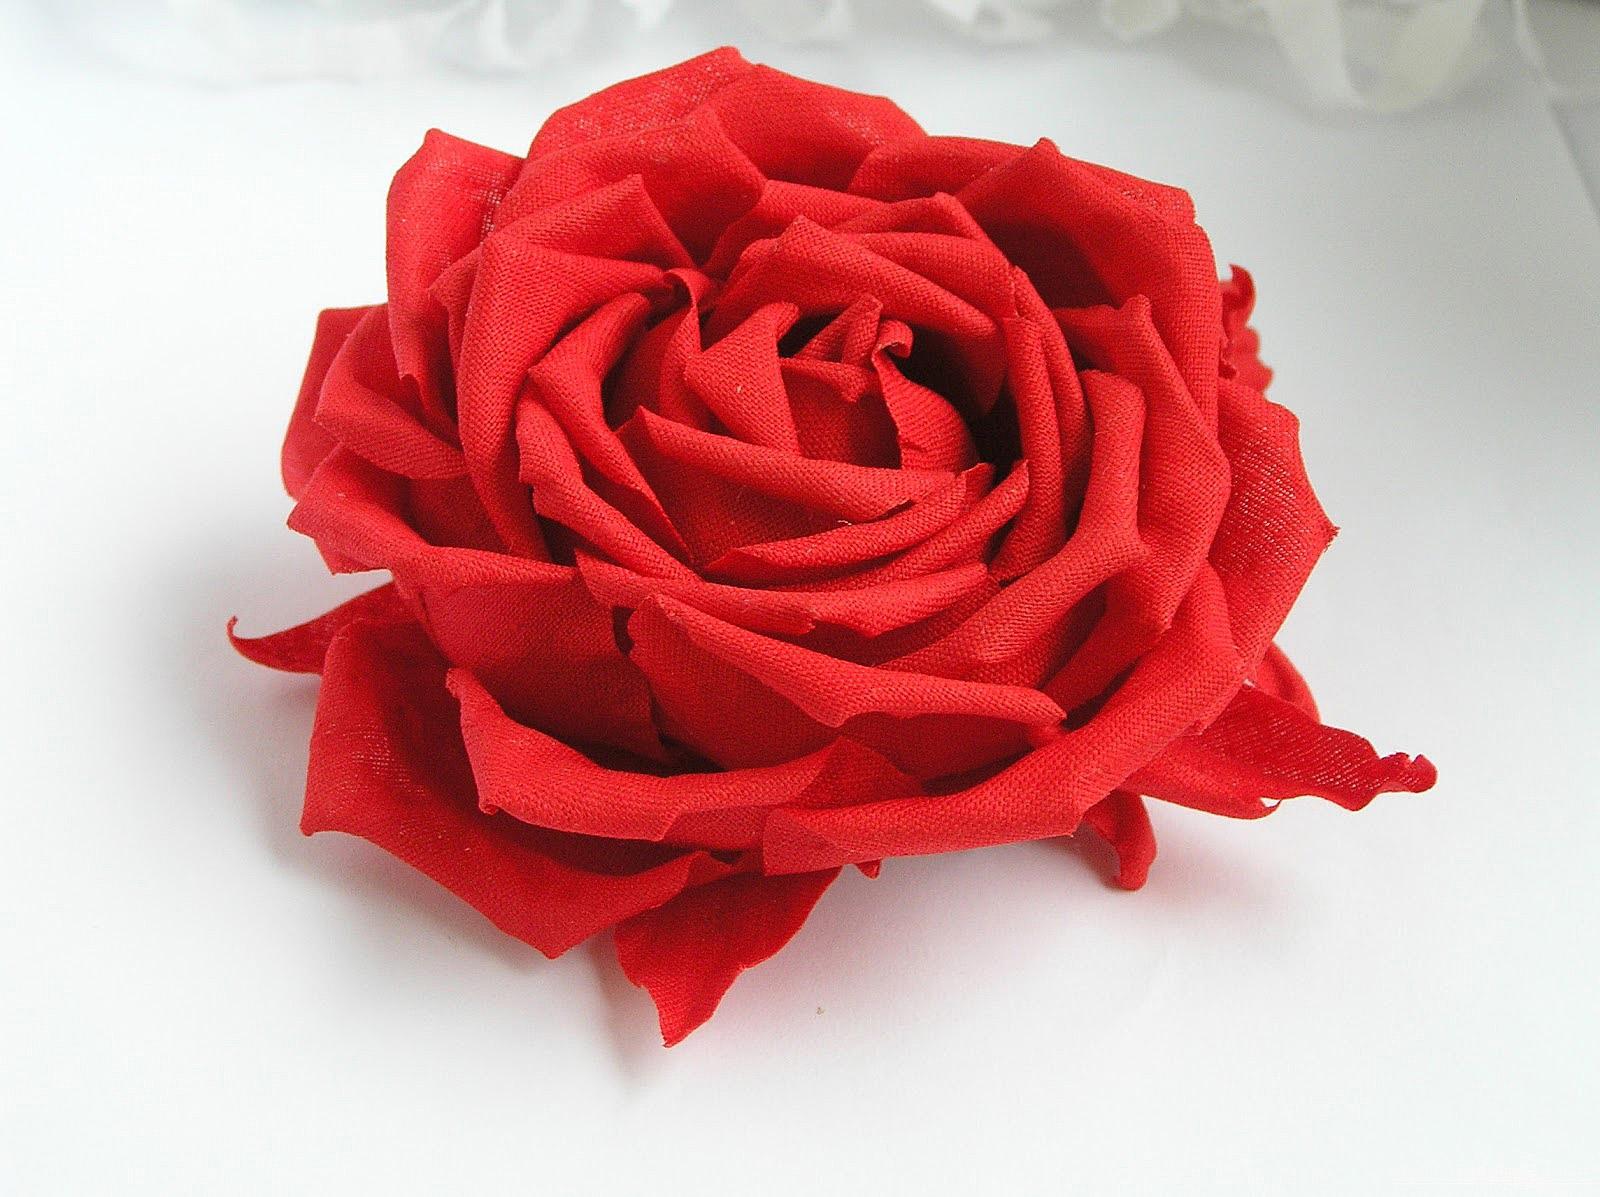 Цветок из ткани своими руками. Мастер-класс